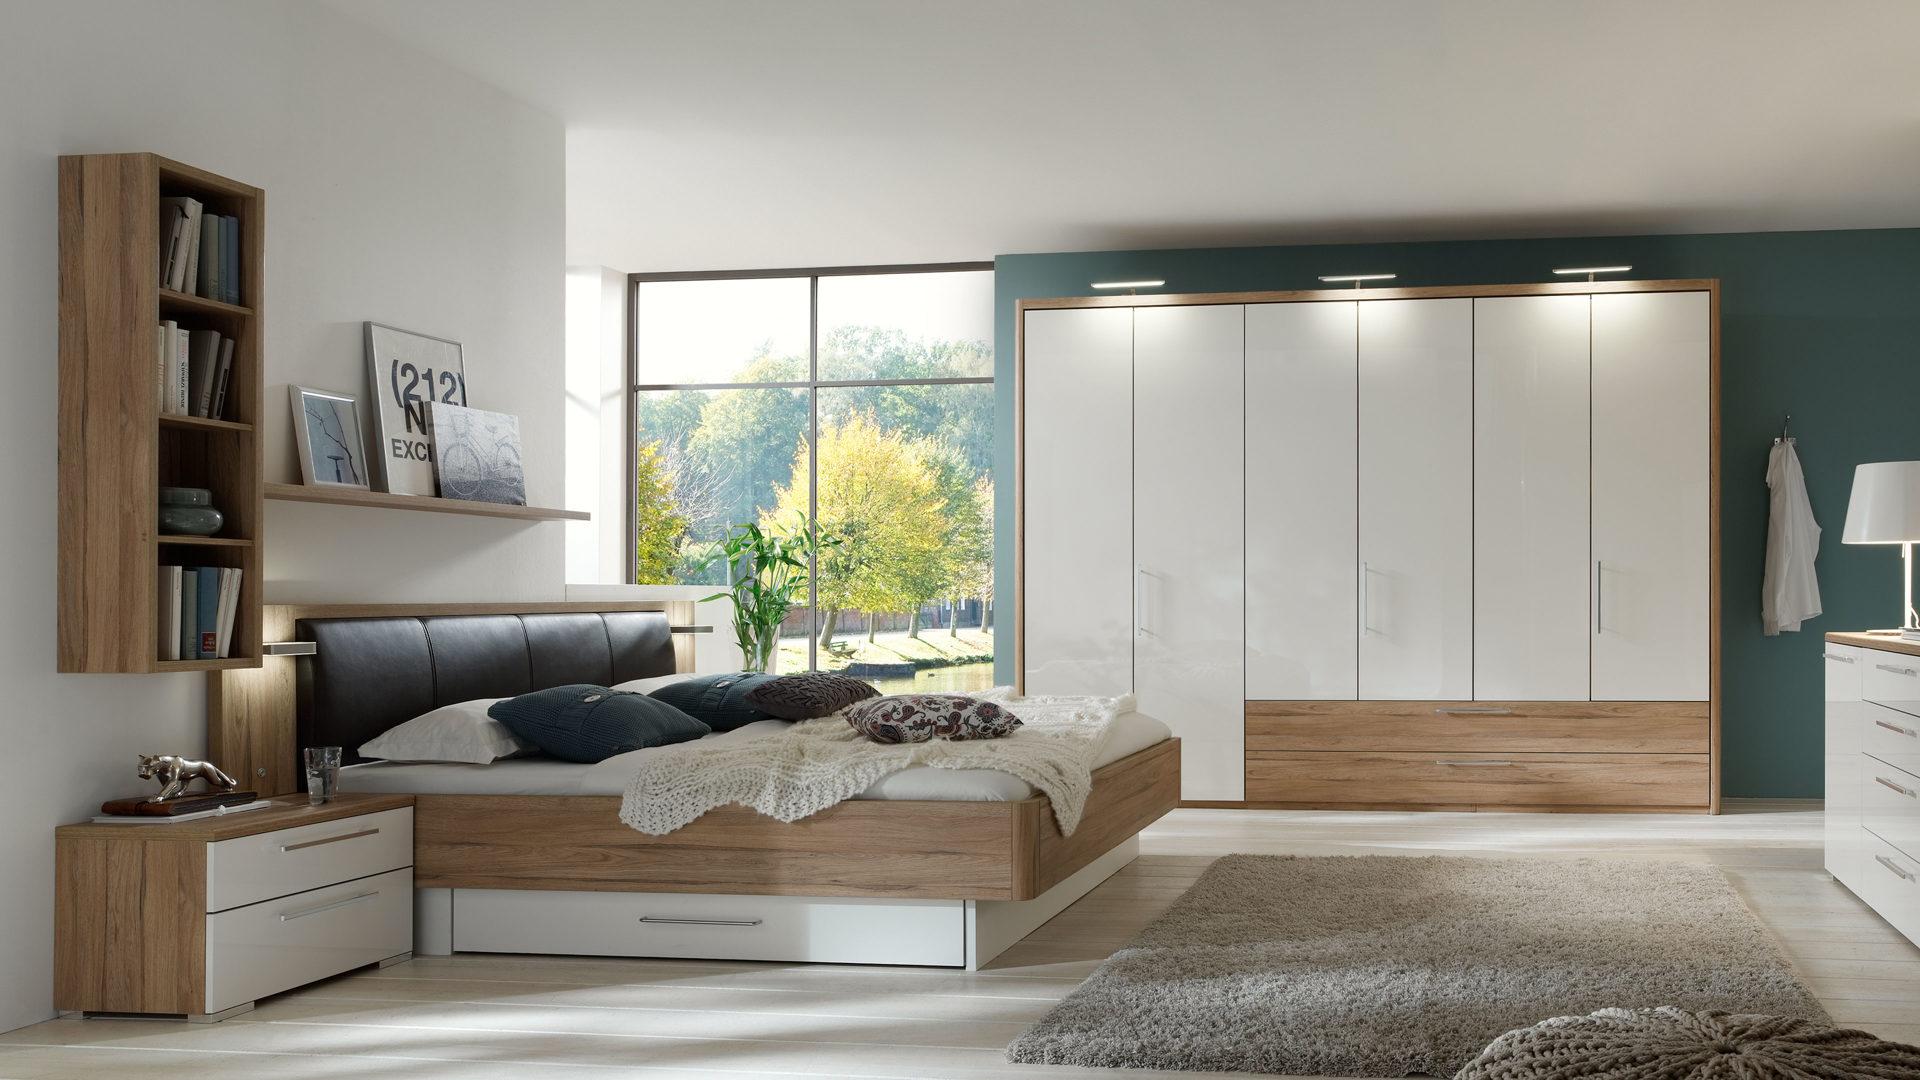 modernes PARTNERRING COLLECTION Schlafzimmer mit Möbeln zum Wohlfühlen,  alpinweiße Hochglanzoberflächen & Volano eichefarben